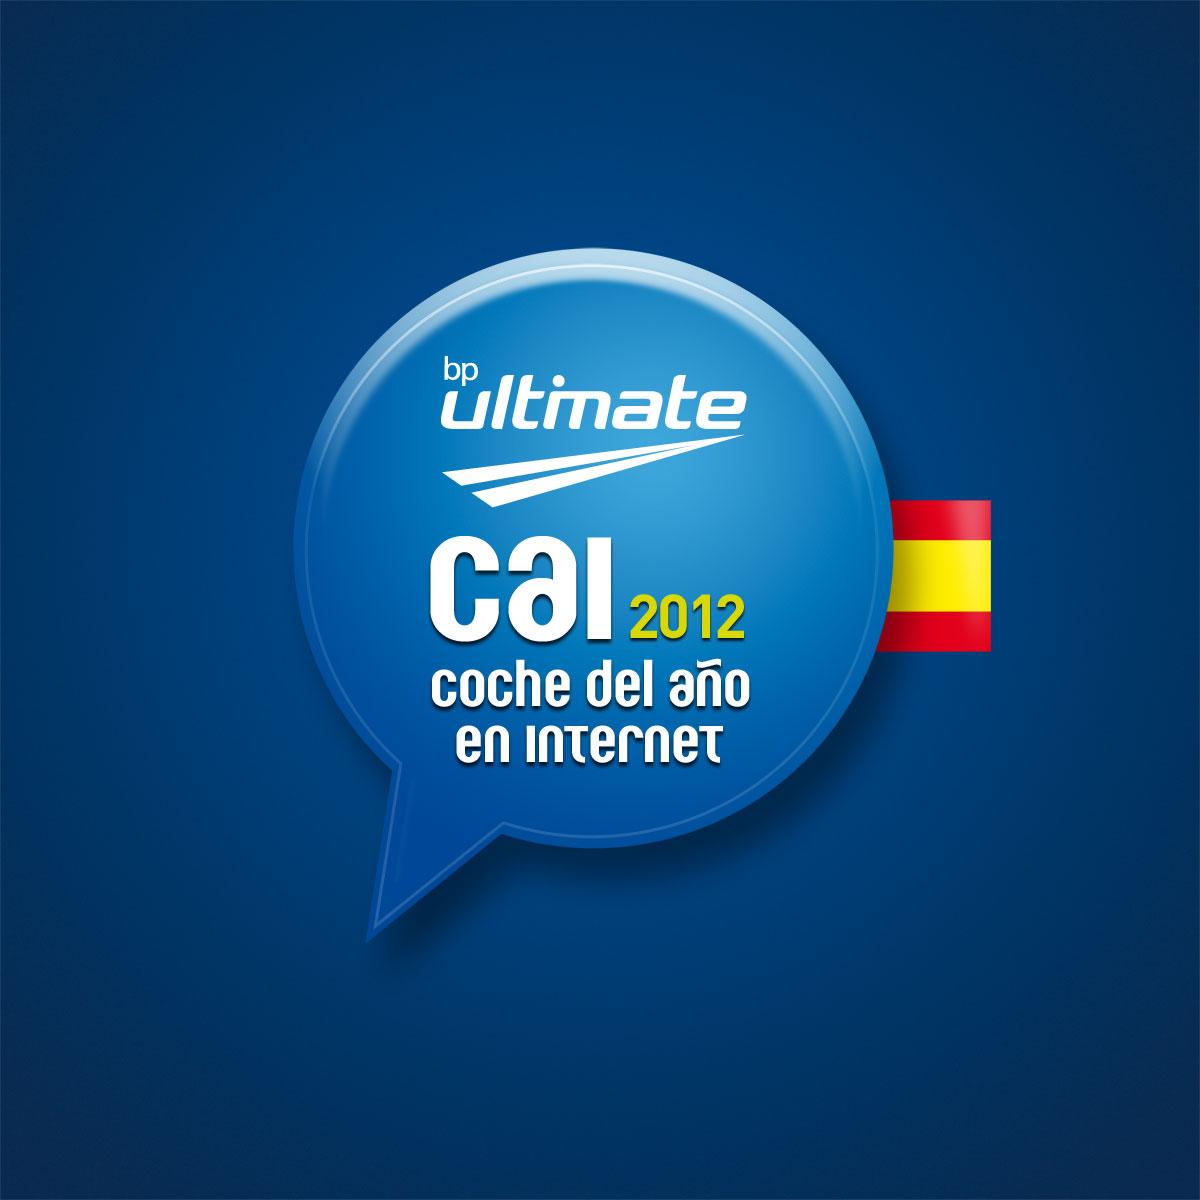 CAI, Coche del Año en Internet 2012, BP Ultimate